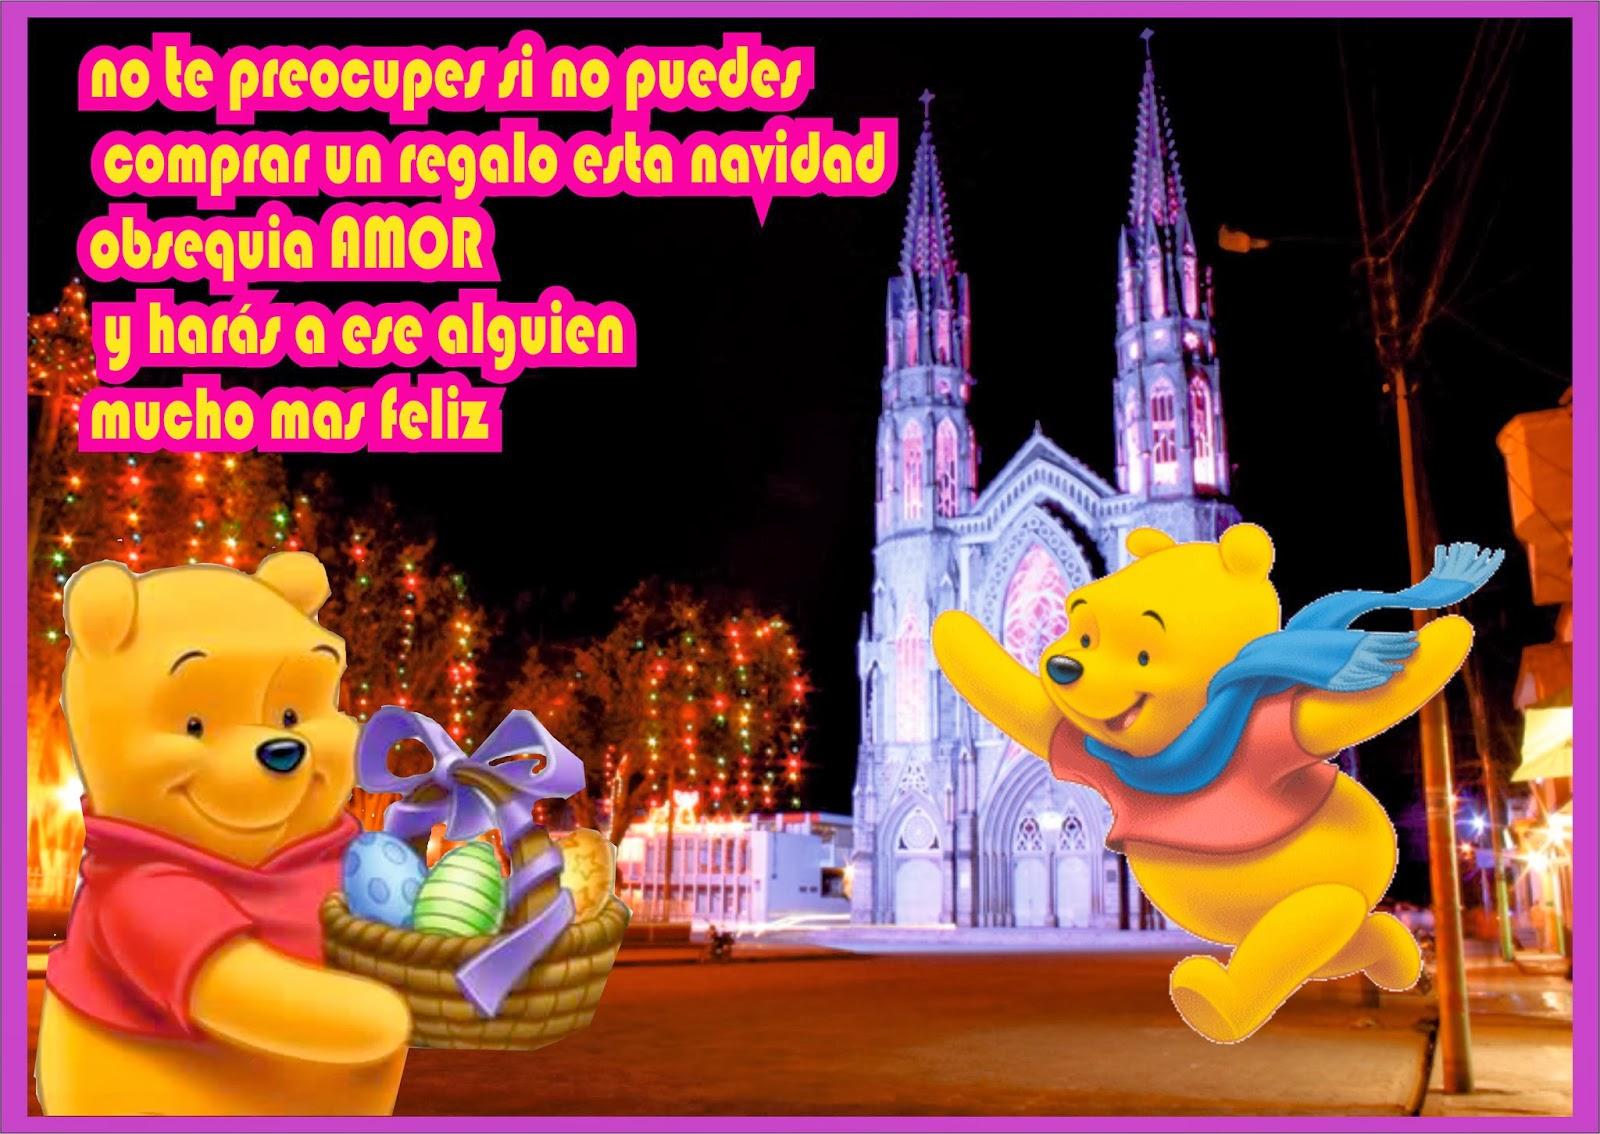 Frasesamor Imagenes De Winnie Pooh Con Frases De Amor Con Movimiento